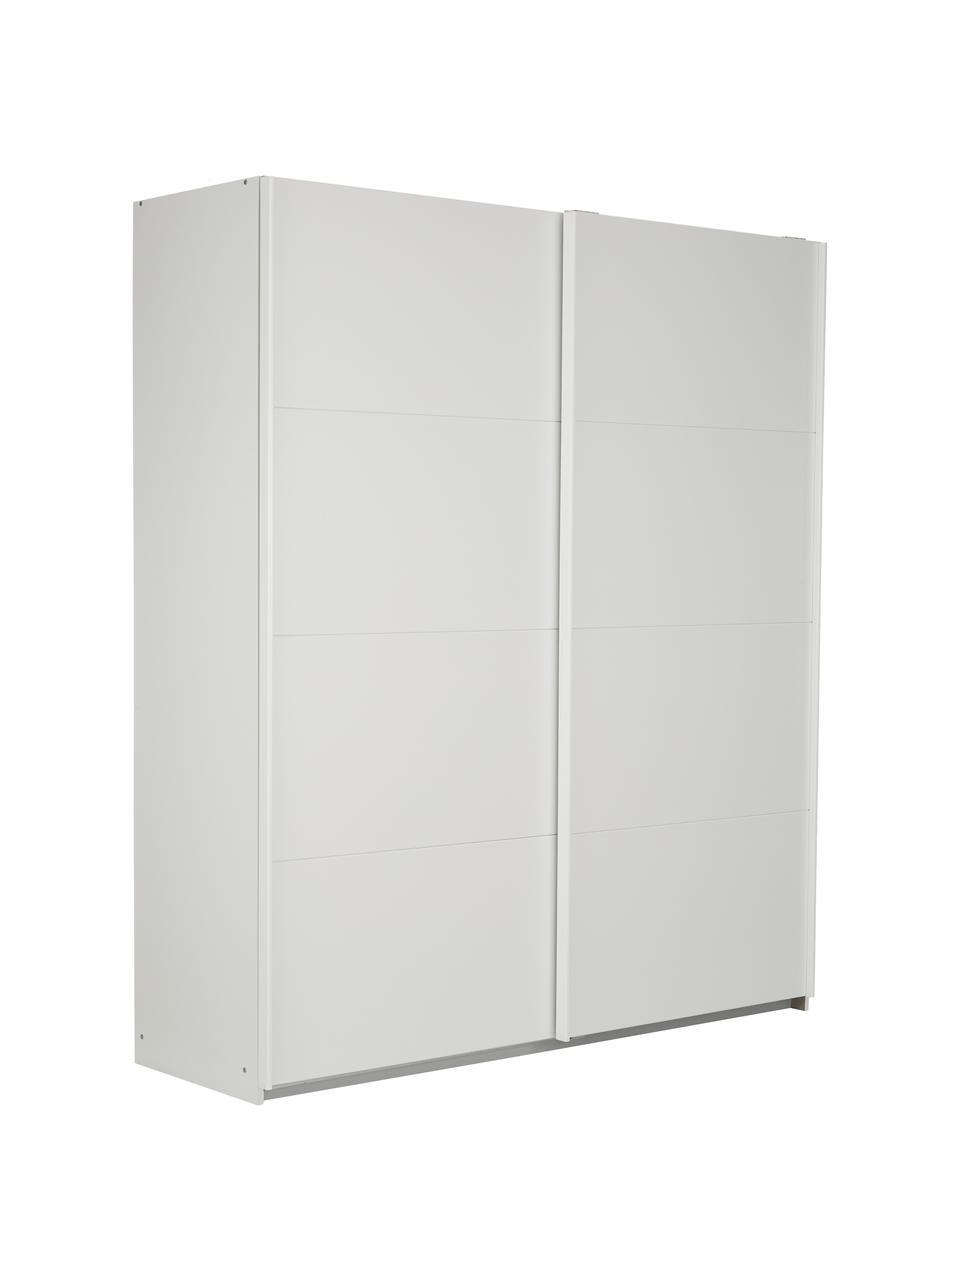 Kleiderschrank Mia mit 2 Schiebetüren in Weiß, Holzwerkstoff, beschichtet, Weiß, 180 x 210 cm